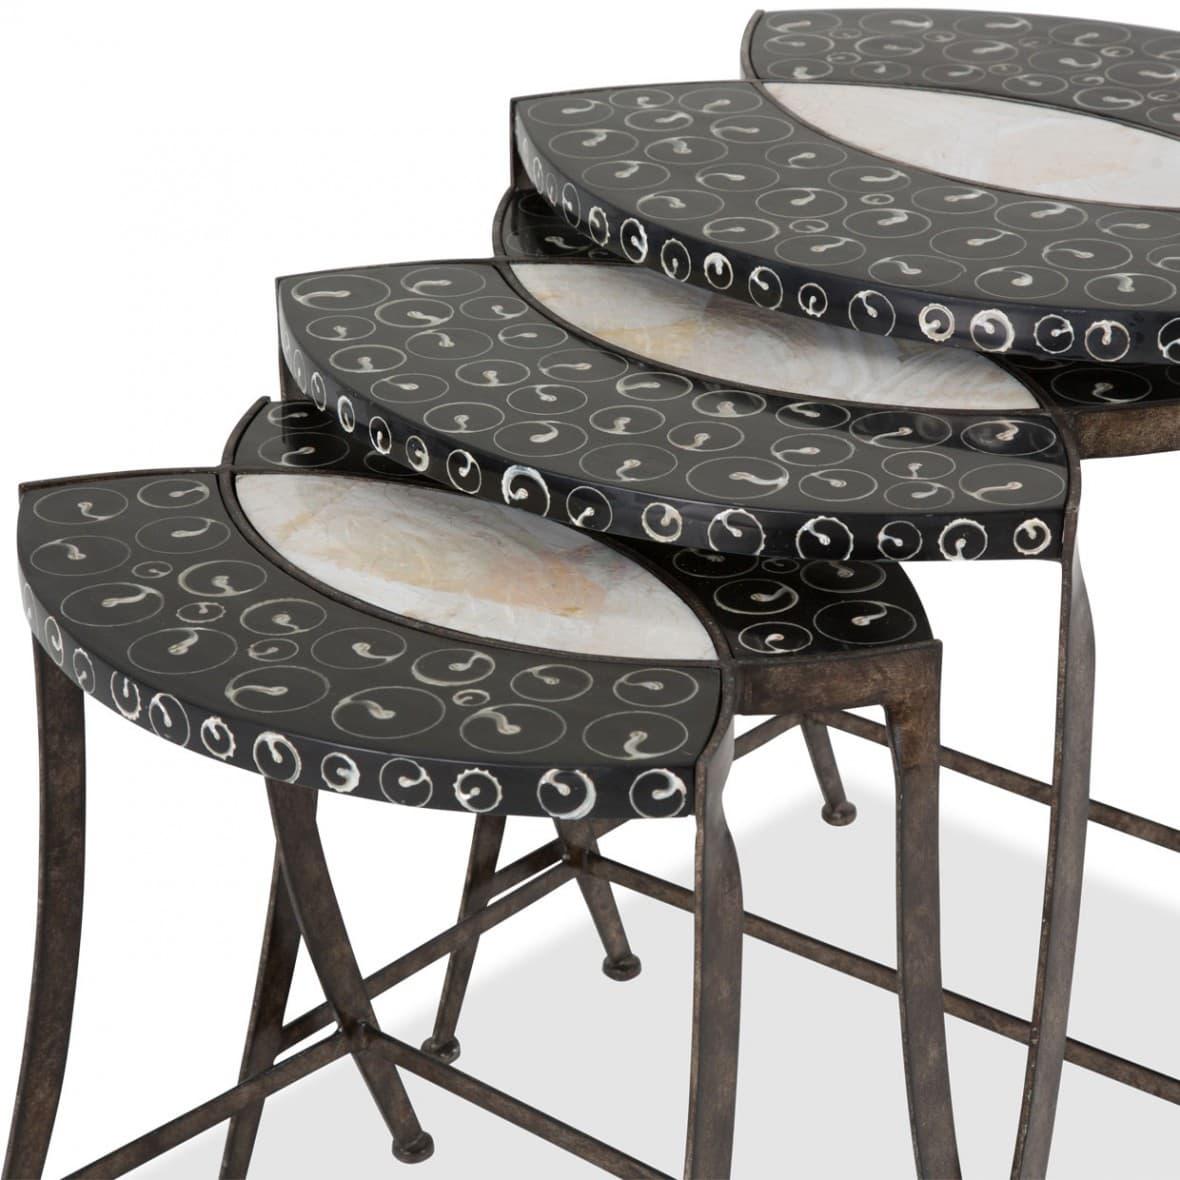 3 столика с отделкой перламутром и срезами раковин